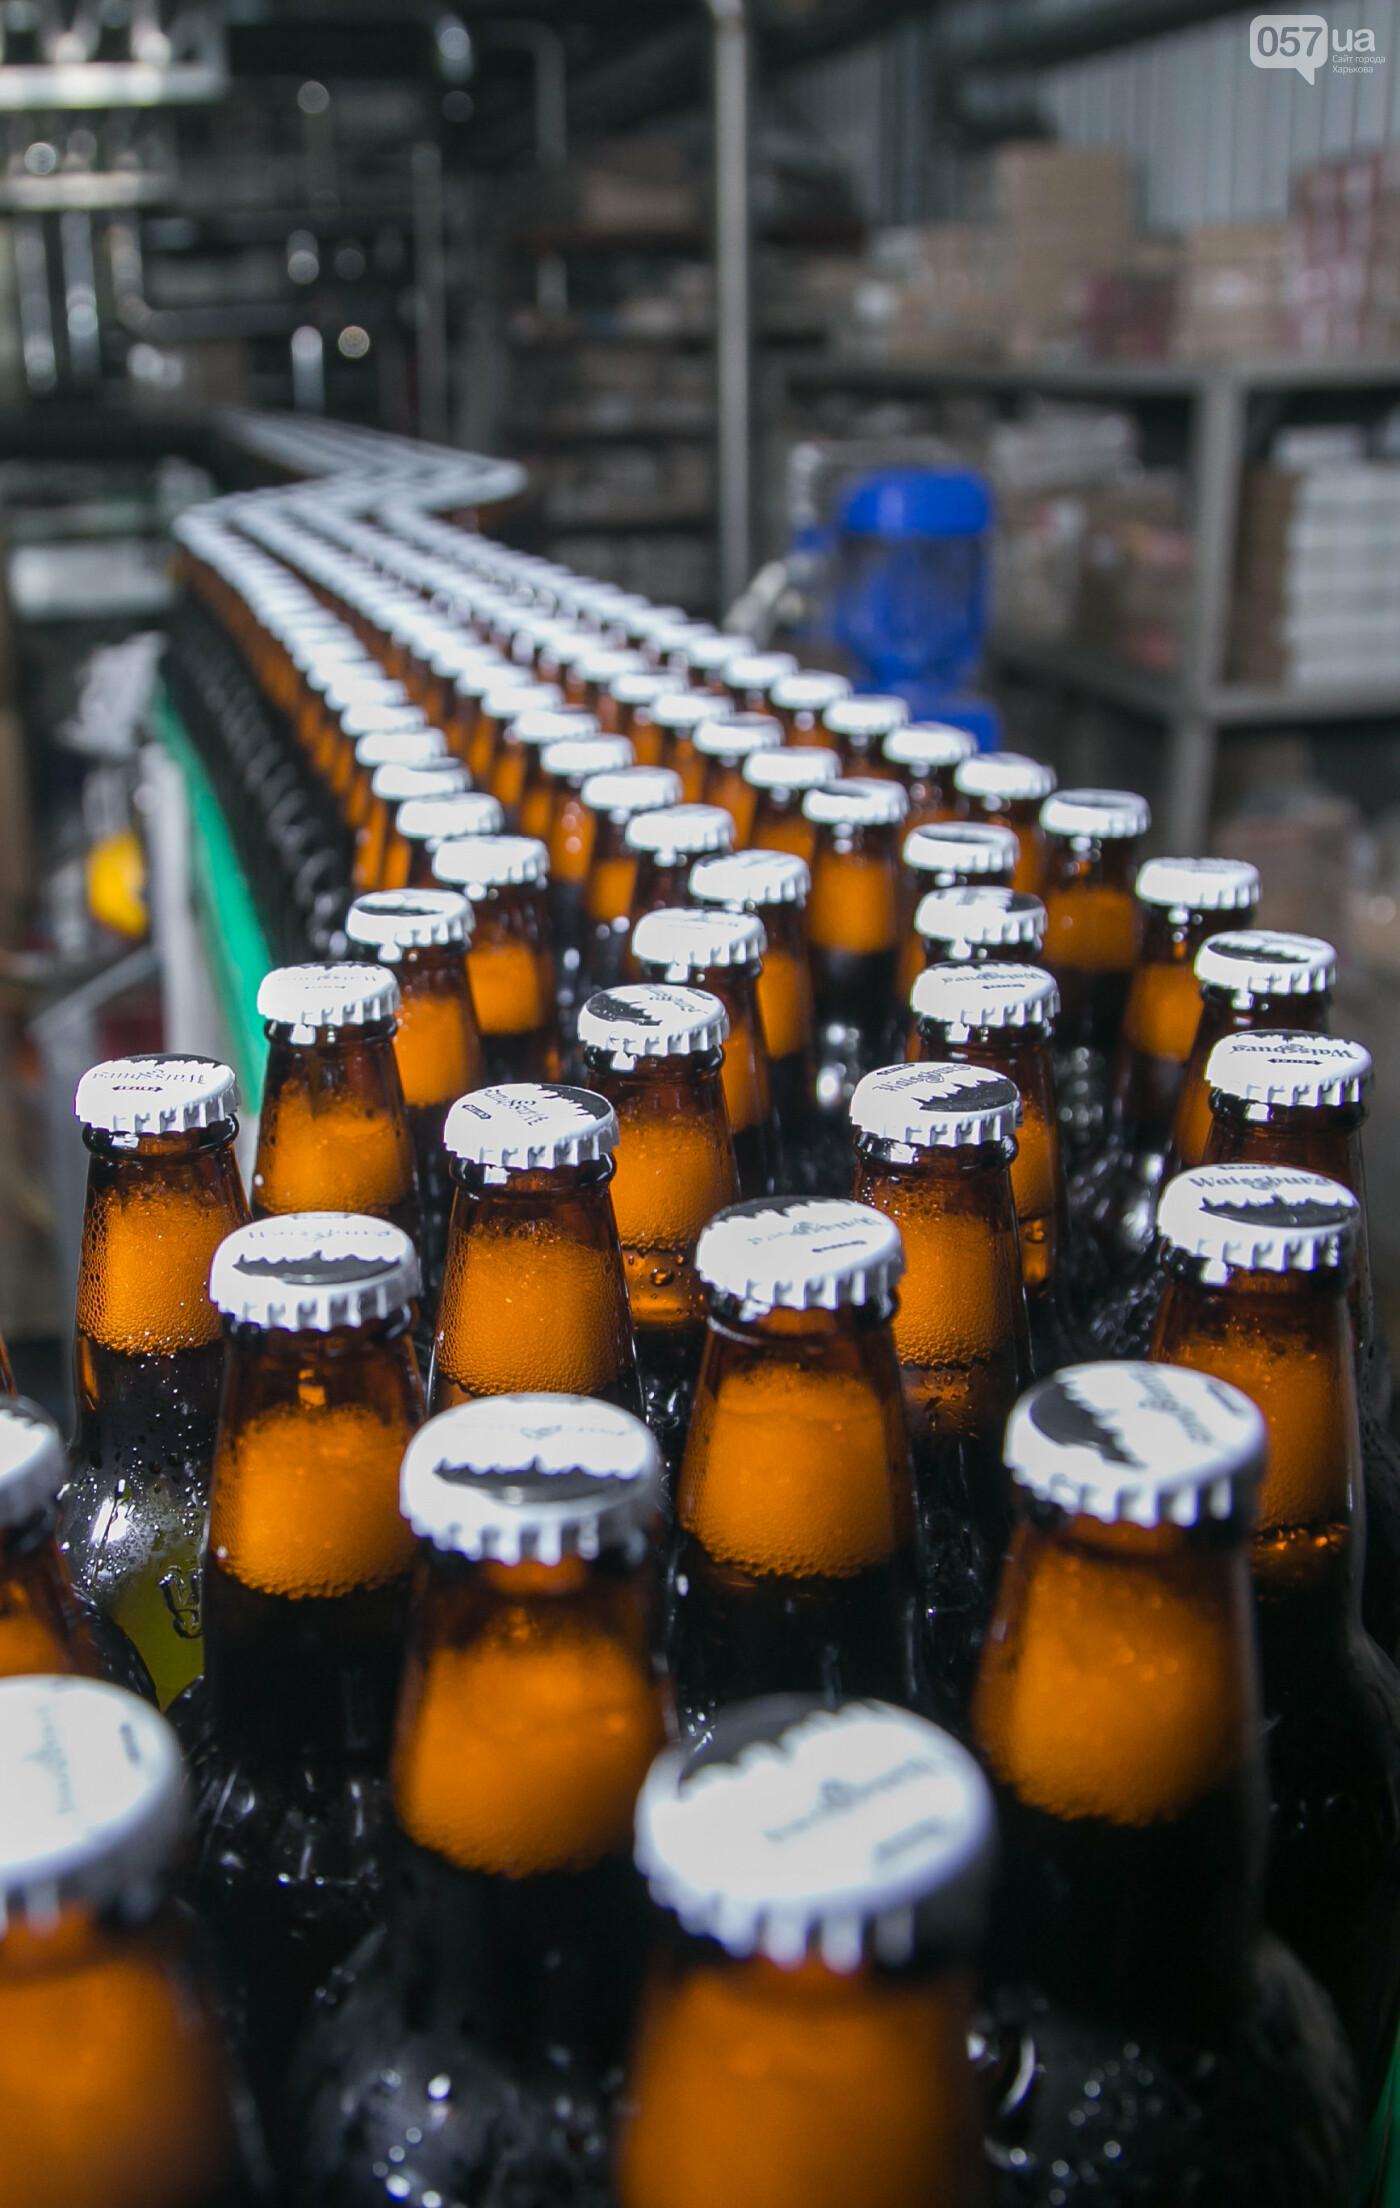 Уманских пивоваров назвали лучшими производителями пива в Украине, фото-3